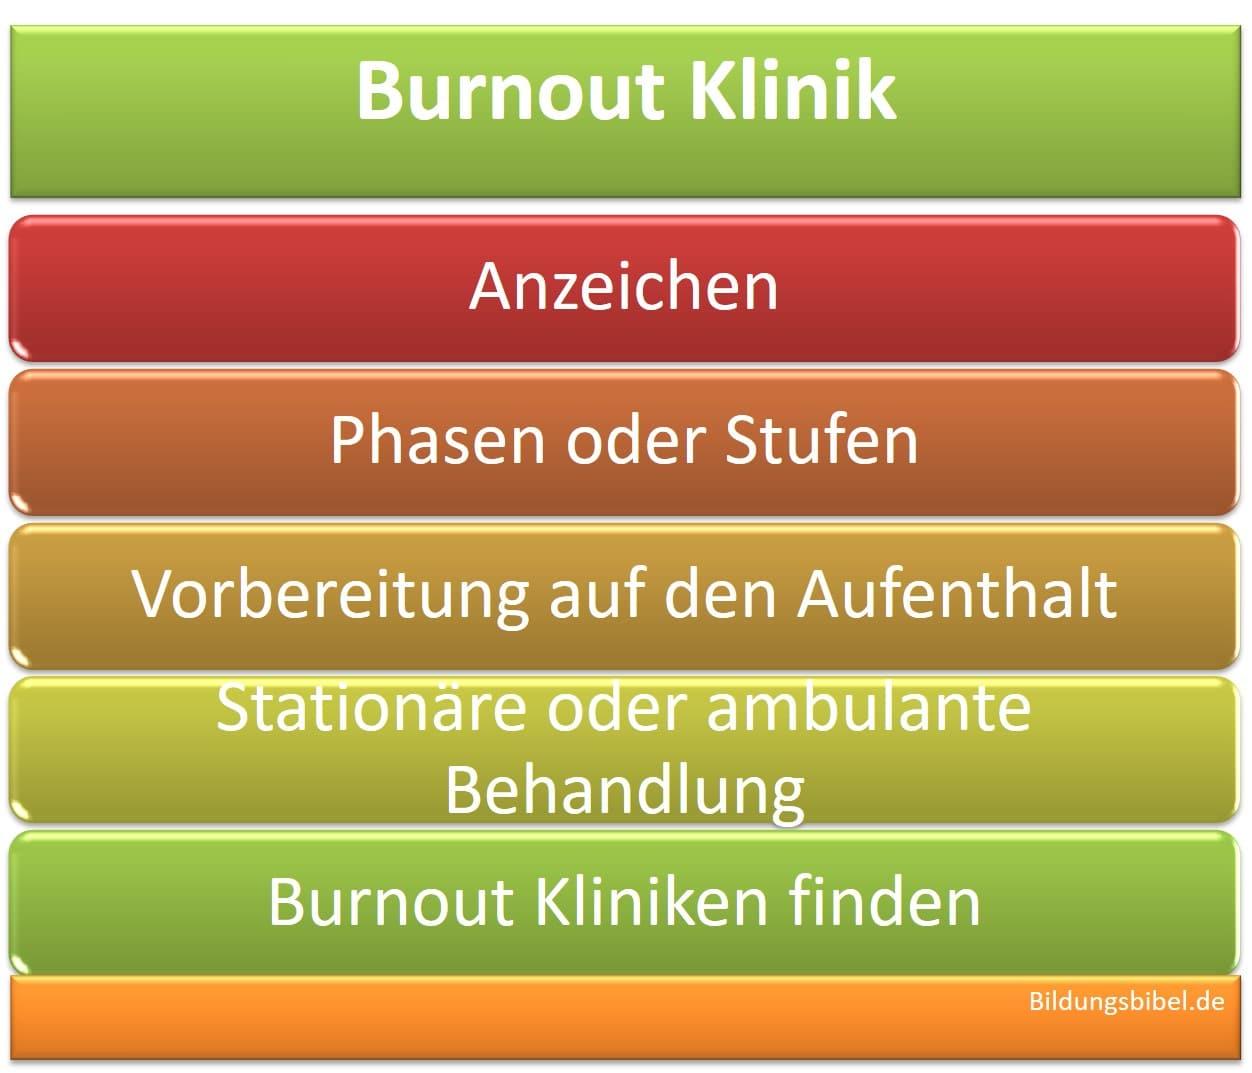 Die Burnout Klinik, stationäre oder ambulant Behandlung, Phasen, Vorbereitung, Ziele sowie Kliniken finden